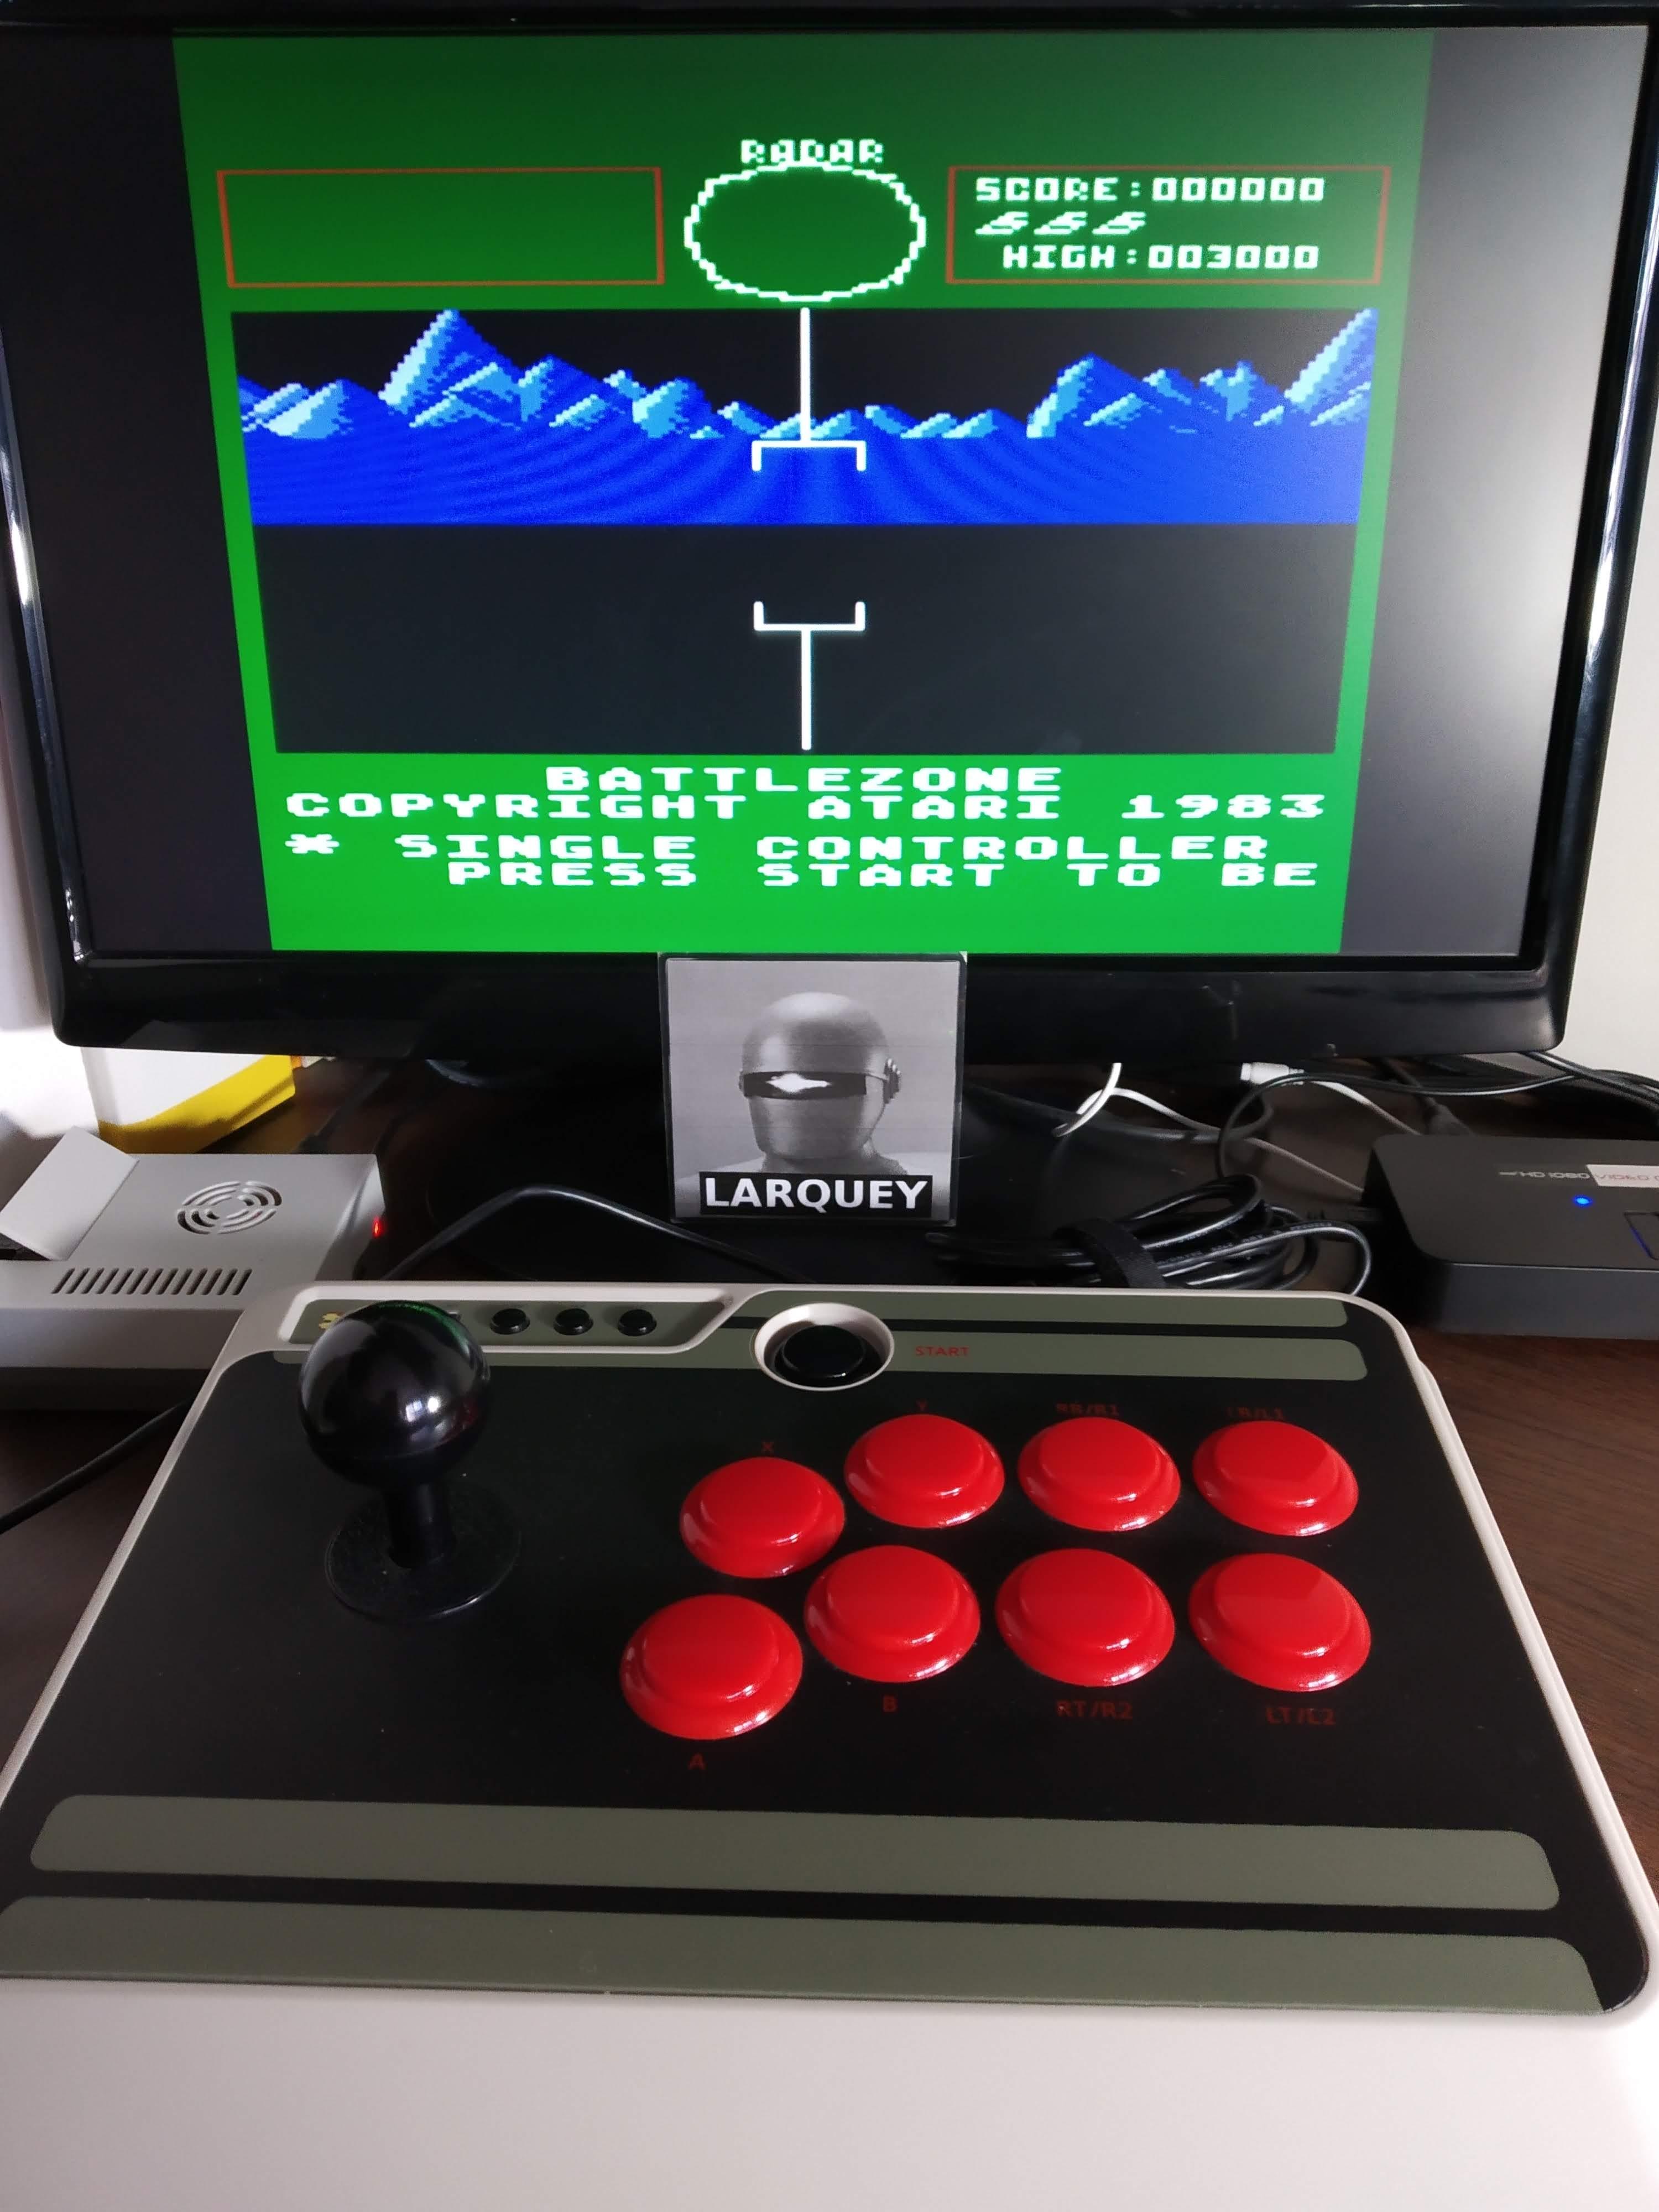 Larquey: Battlezone (Atari 5200 Emulated) 3,000 points on 2019-11-16 09:38:48